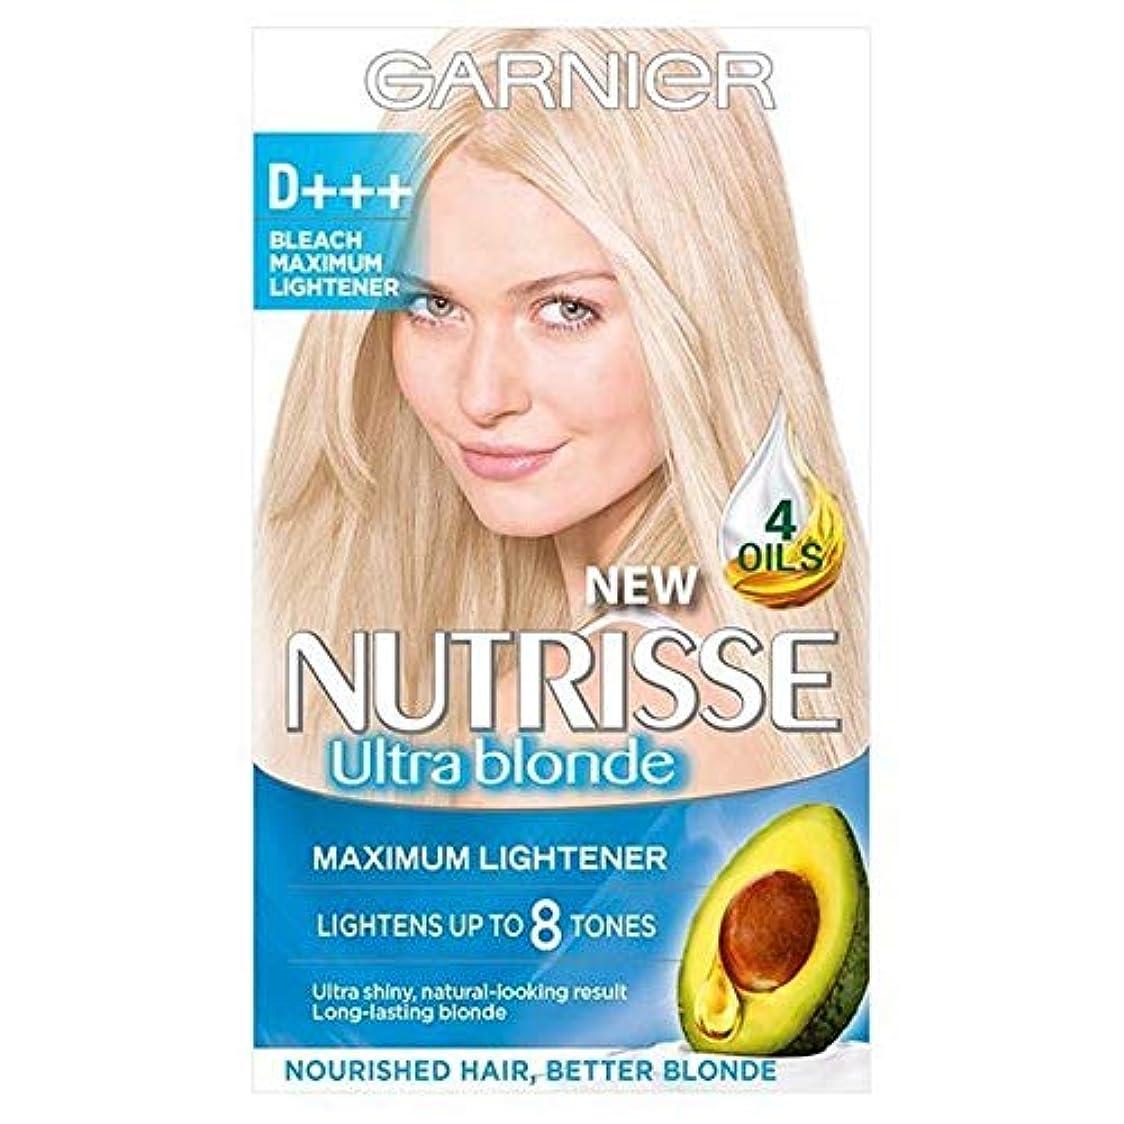 ペック貢献例[Garnier ] ガルニエNutrisse D +++漂白ライトナーパーマネントヘアダイ - Garnier Nutrisse D+++ Bleach Lightener Permanent Hair Dye [並行輸入品]